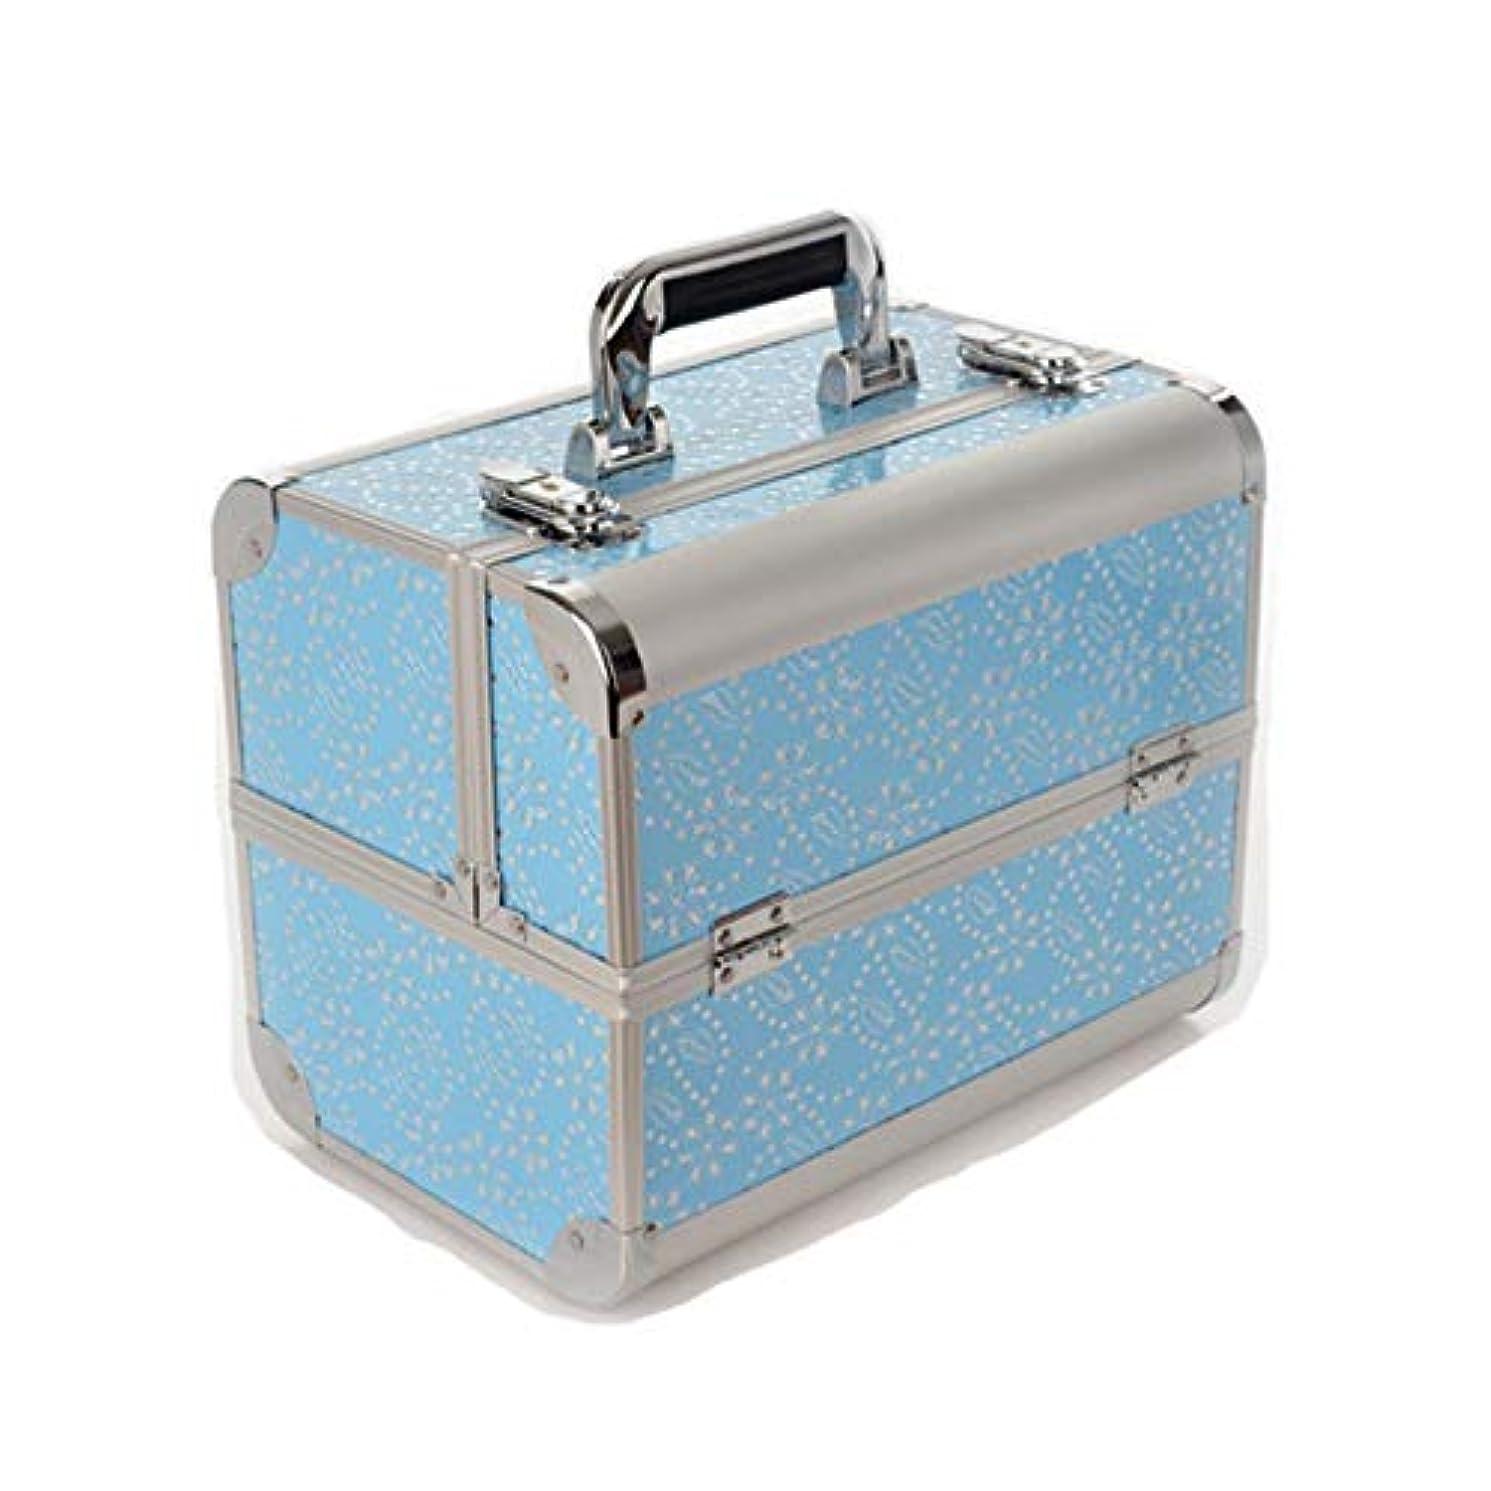 意志表示廃棄する特大スペース収納ビューティーボックス 美の構造のためそしてジッパーおよび折る皿が付いている女の子の女性旅行そして毎日の貯蔵のための高容量の携帯用化粧品袋 化粧品化粧台 (色 : 青)